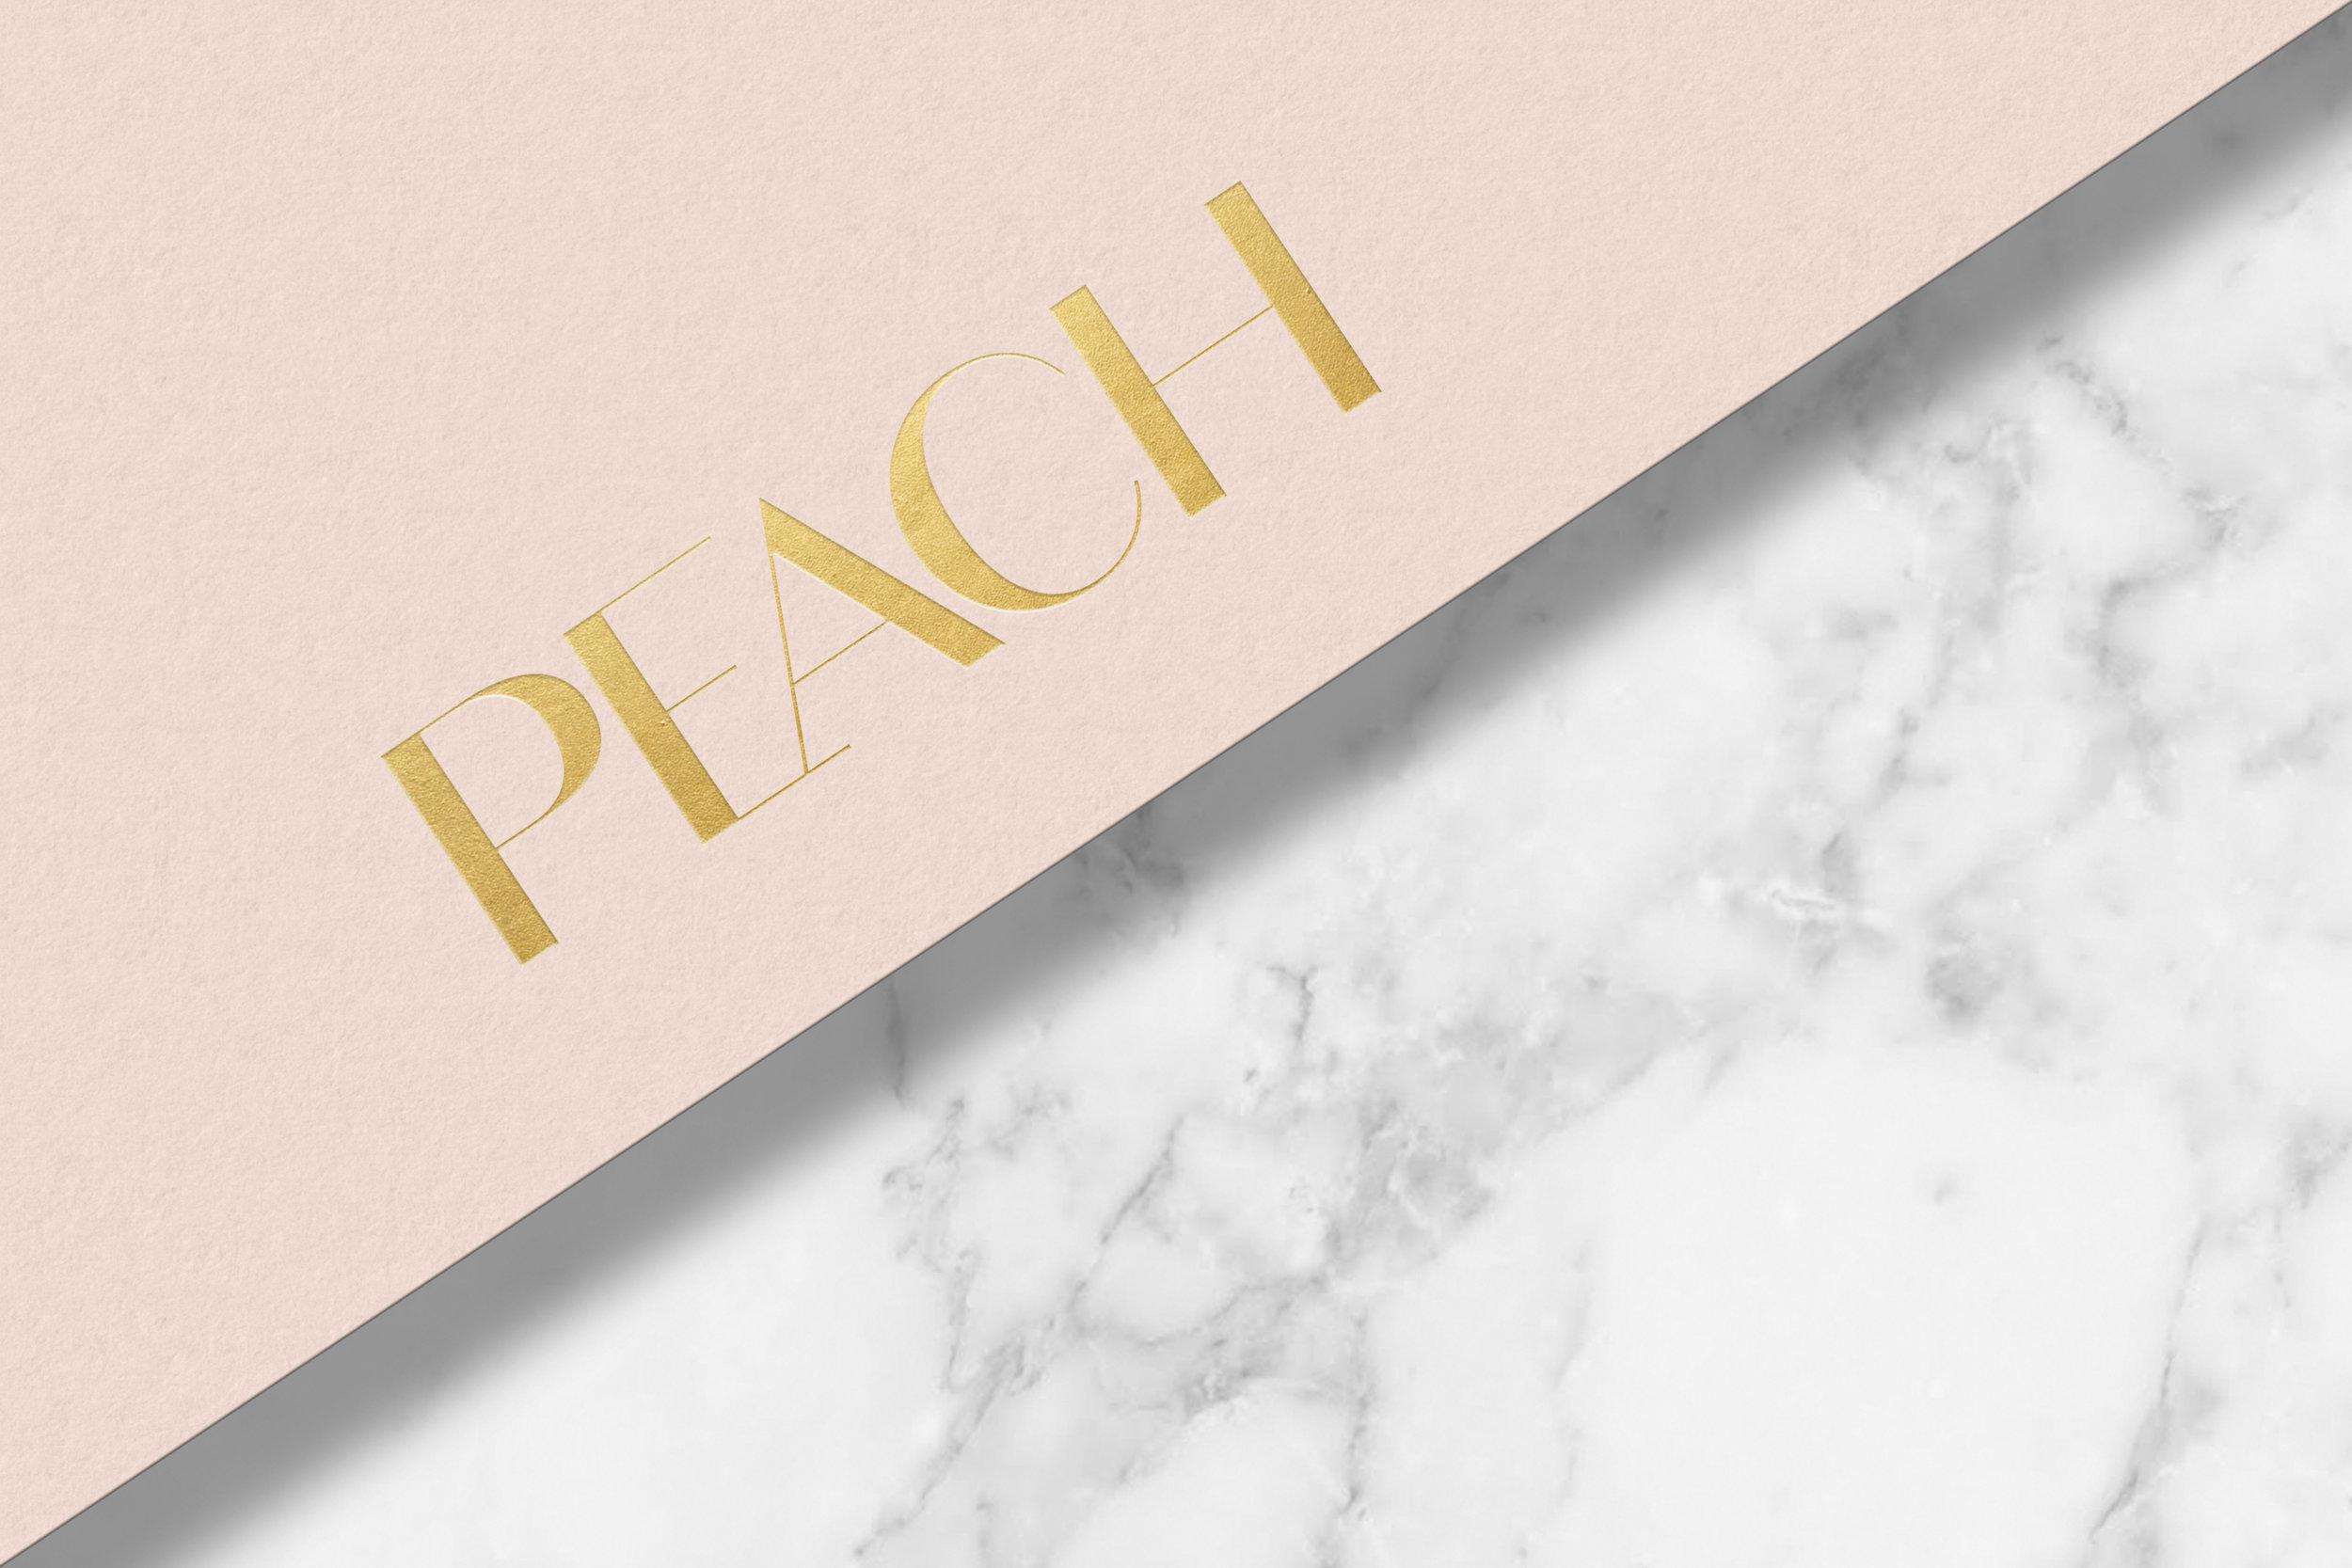 Peach_3000_2000_11.jpg